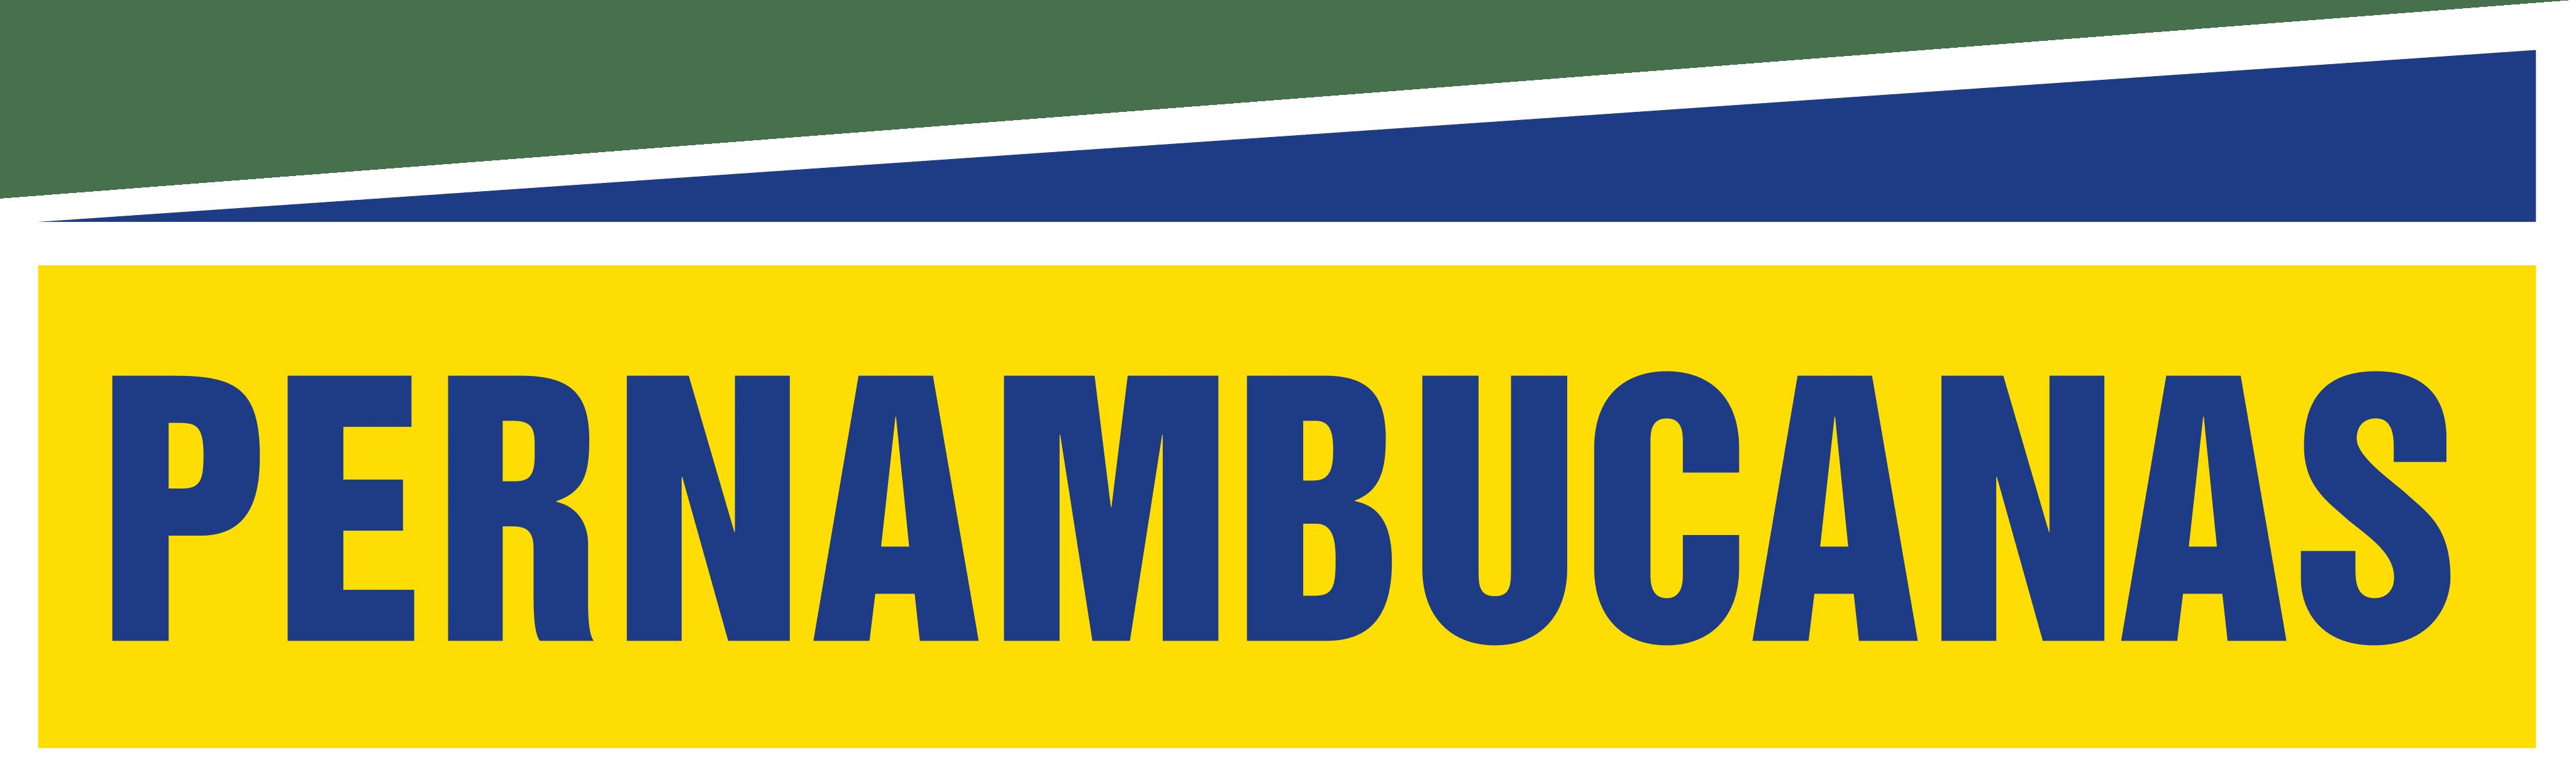 Pernambucanas   Gold Clima